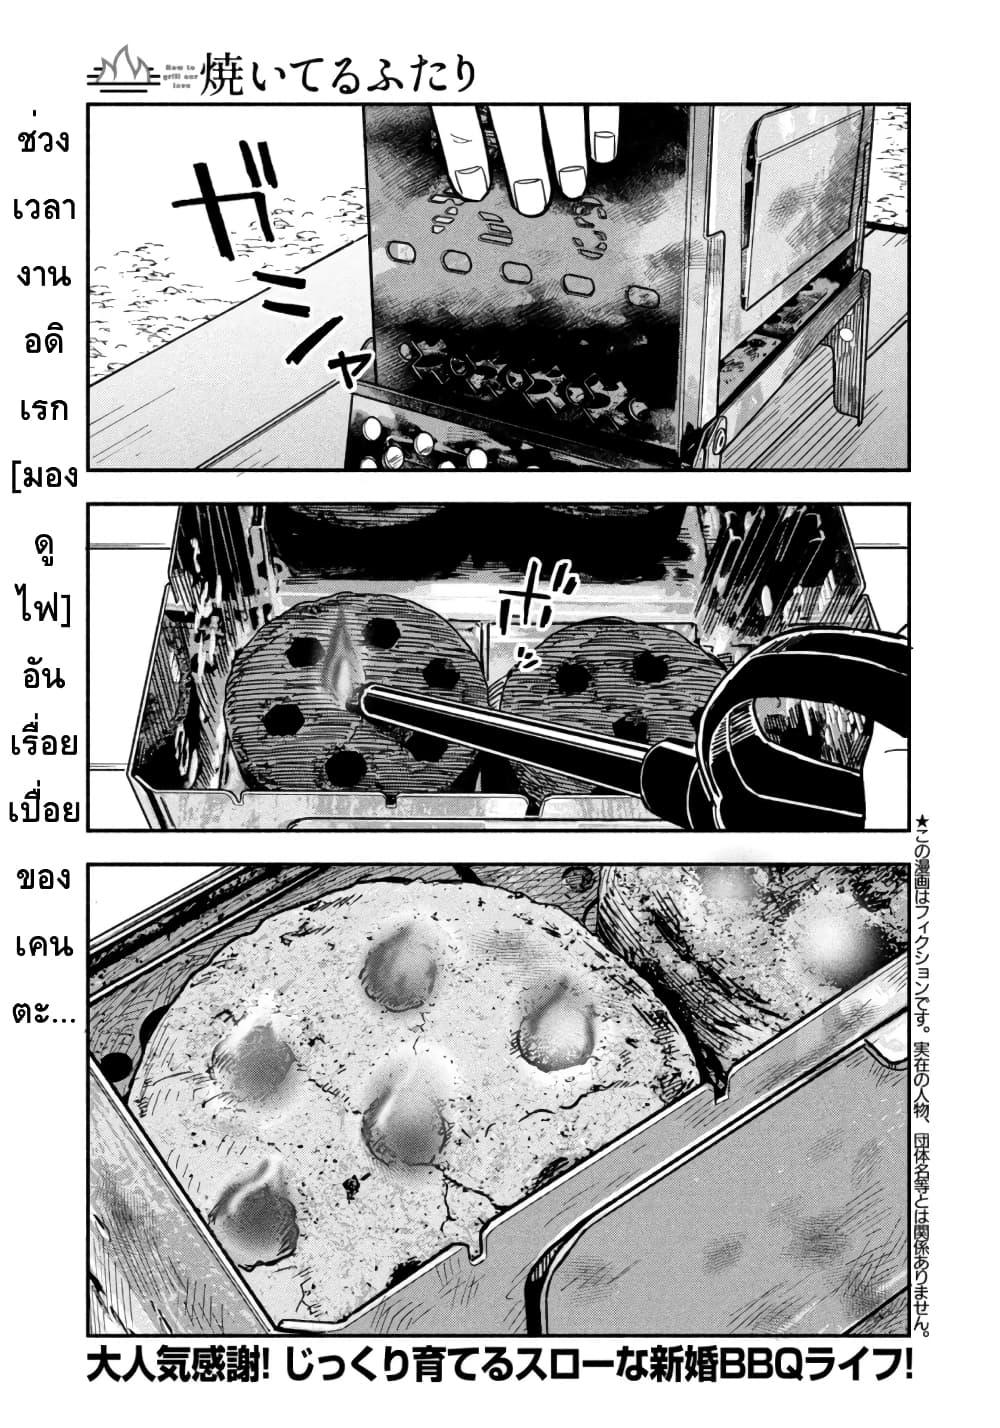 อ่านการ์ตูน Yaiteru Futari ตอนที่ 6 หน้าที่ 1